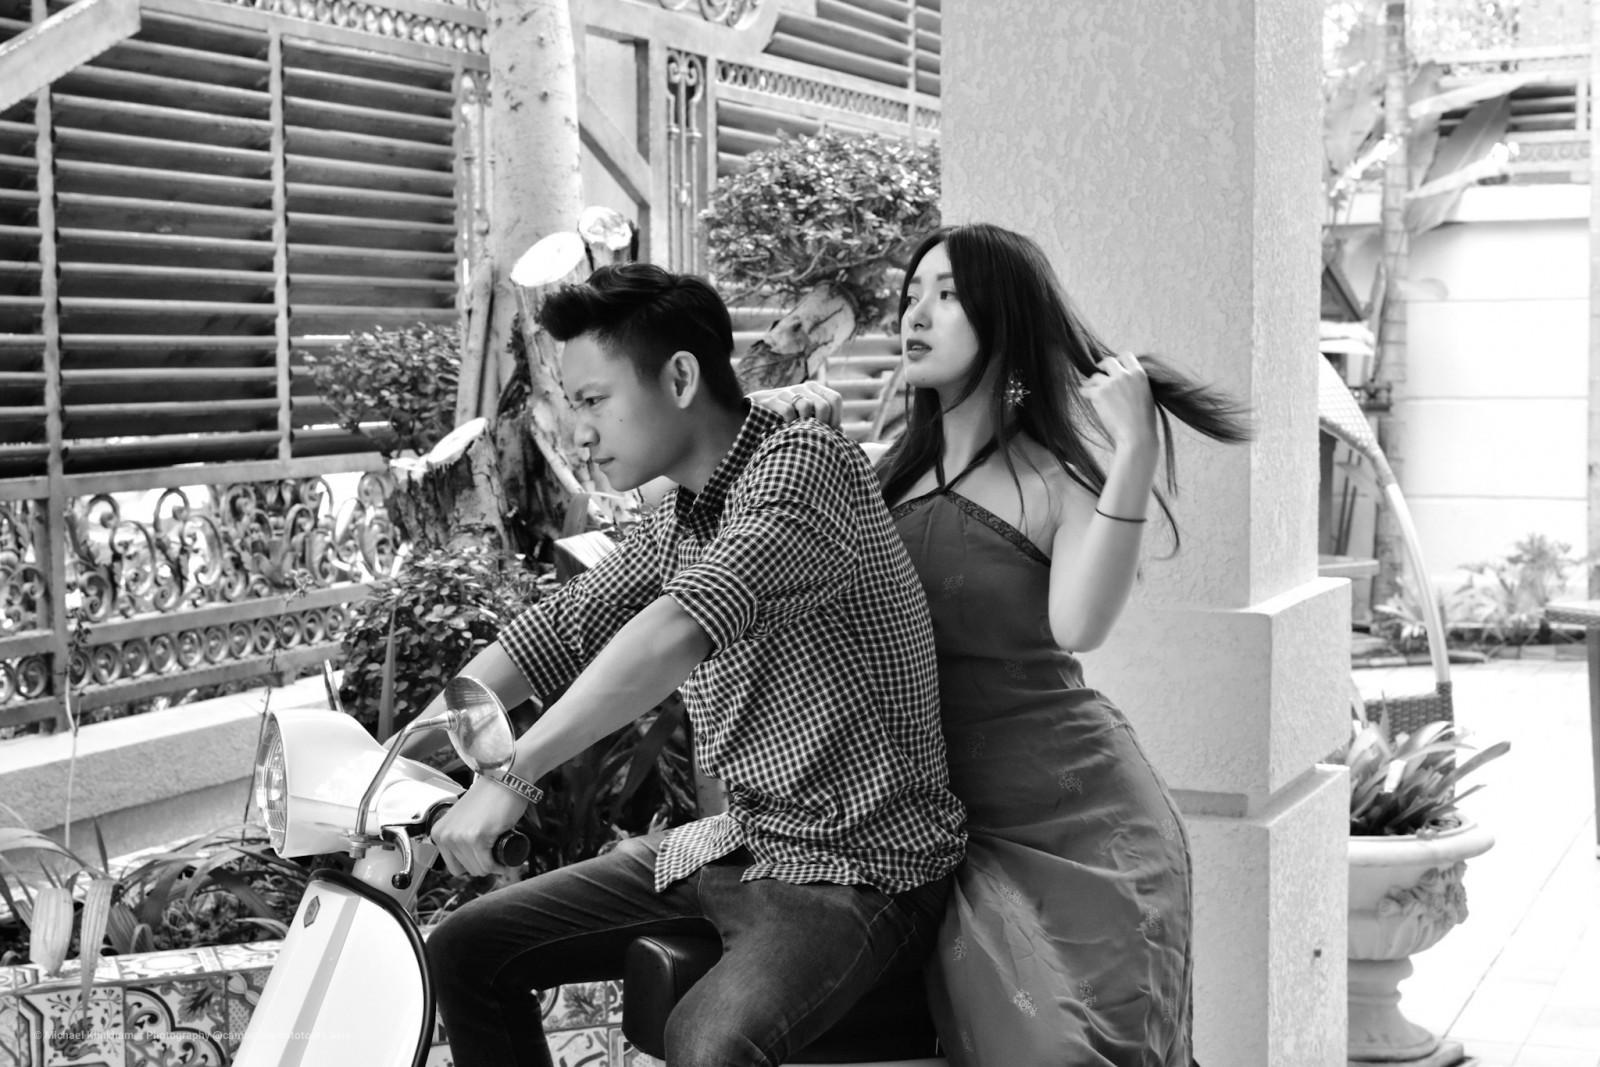 Phnom Penh homme et femme en moto